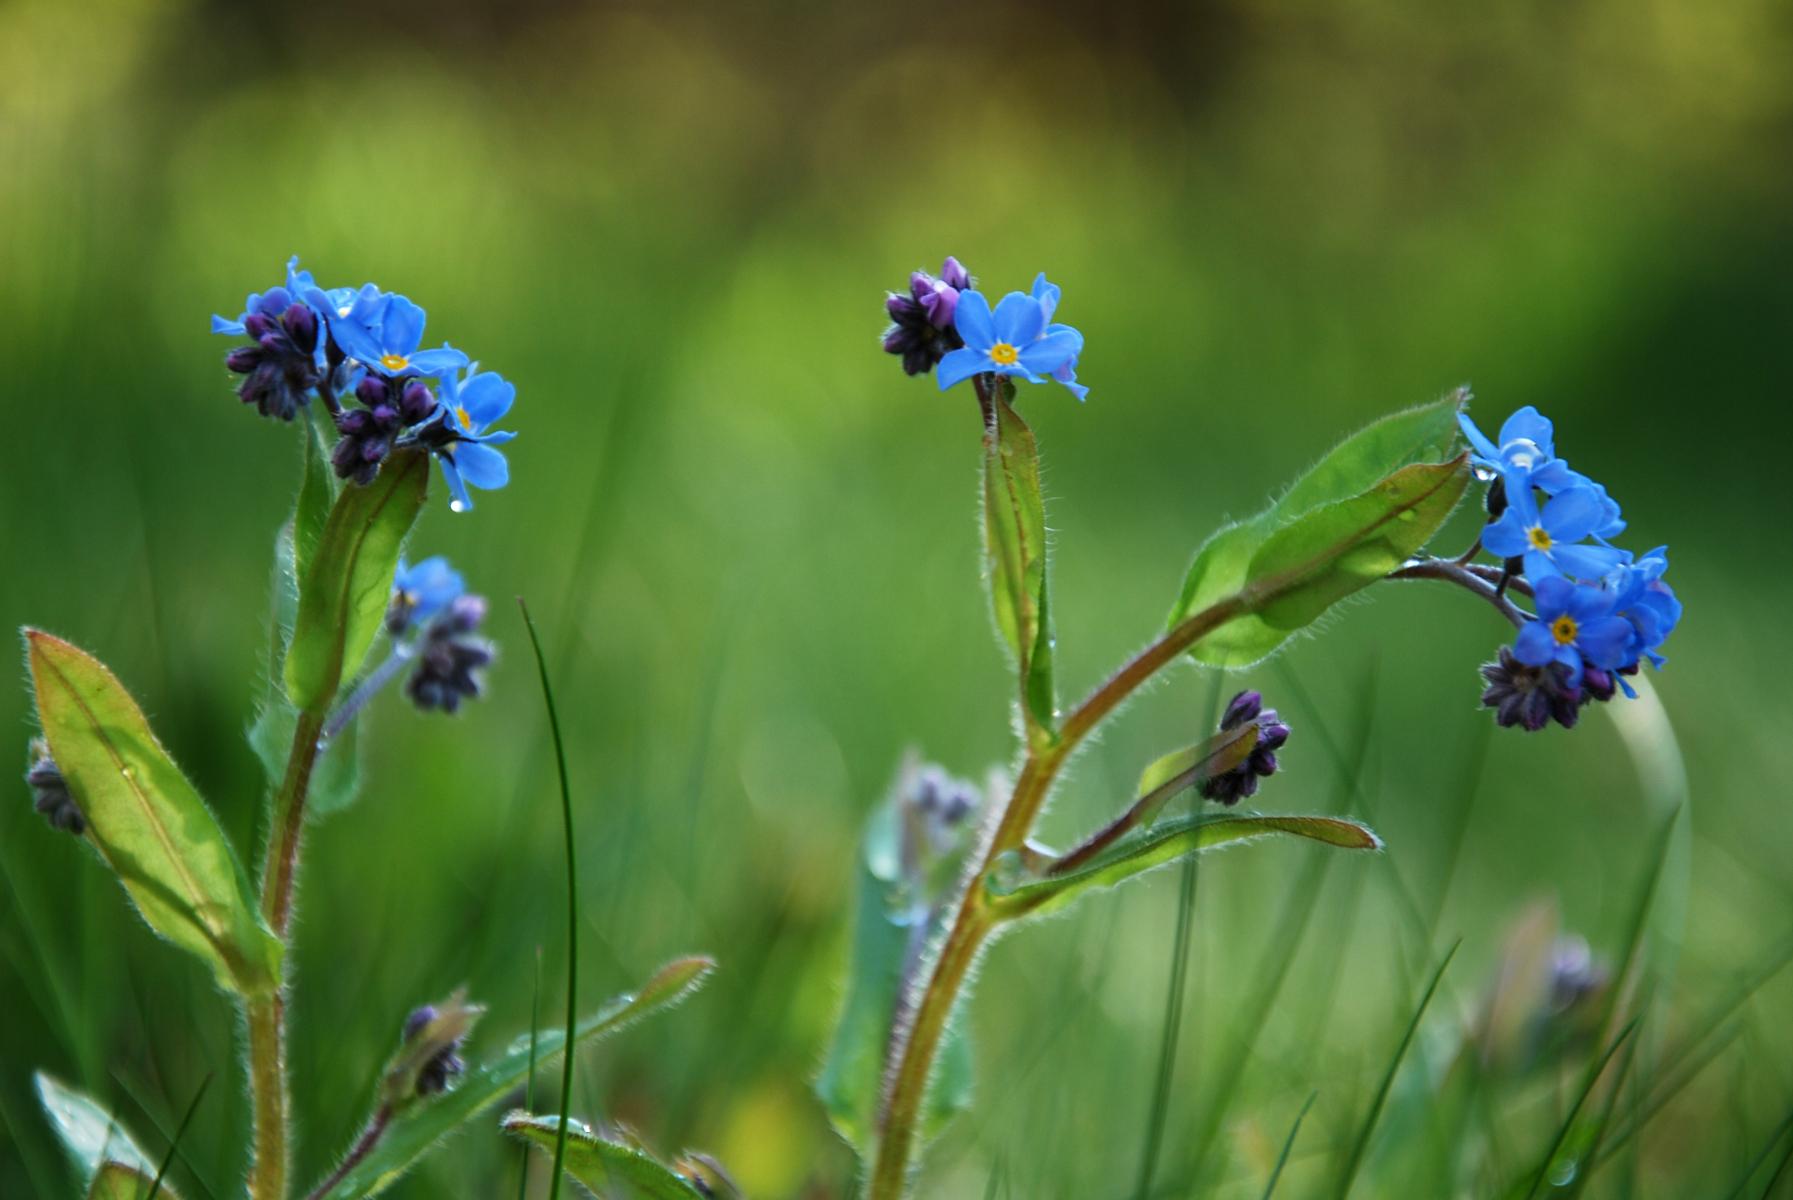 Blomst med små blålilla kronblad, gul i midten og med hårete stengel